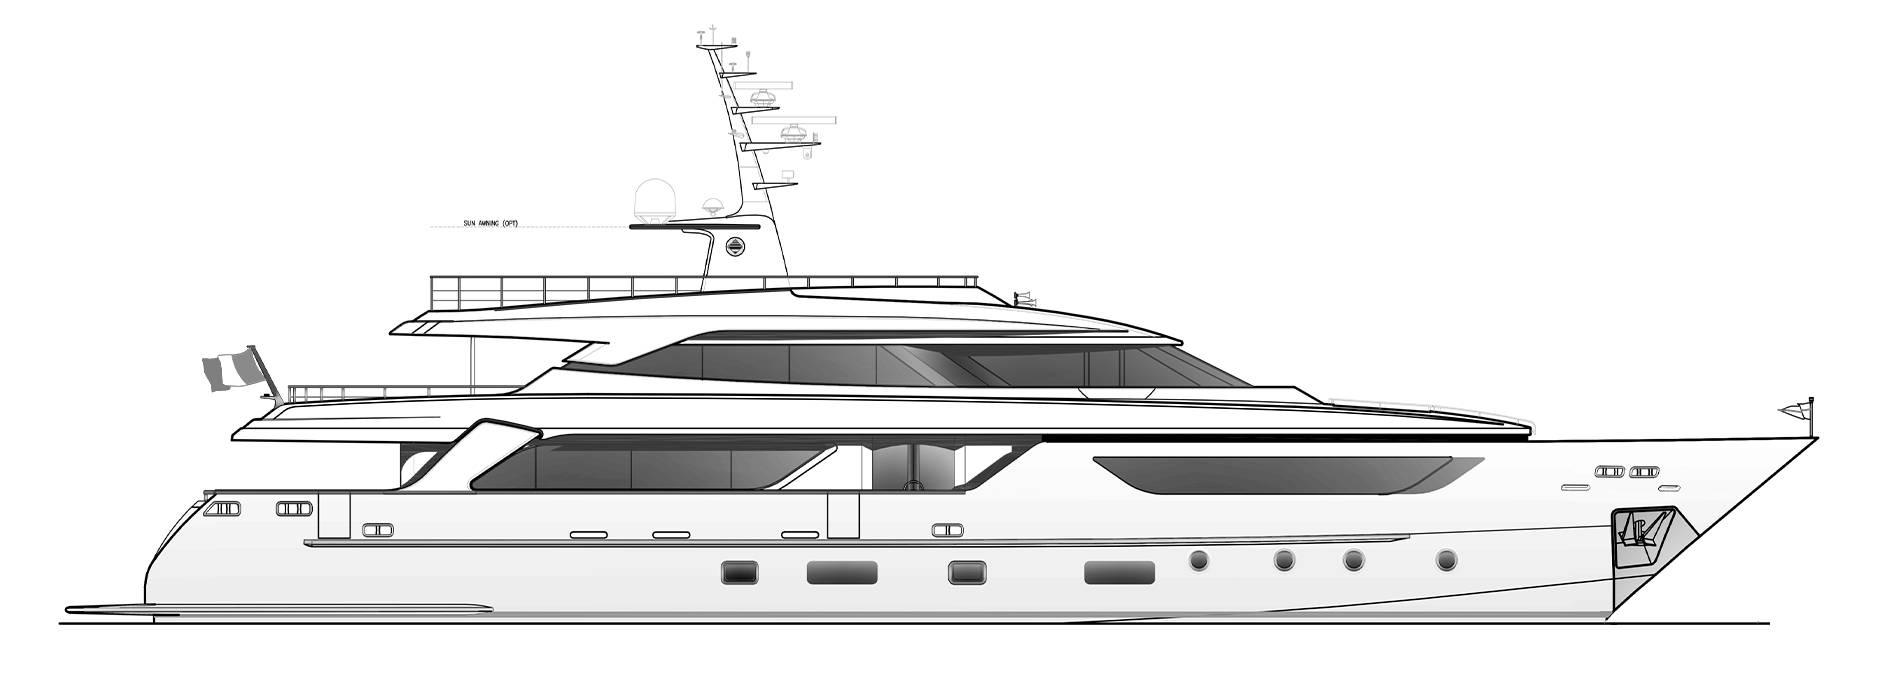 Sanlorenzo Yachts SD122-27 under offer Профиль